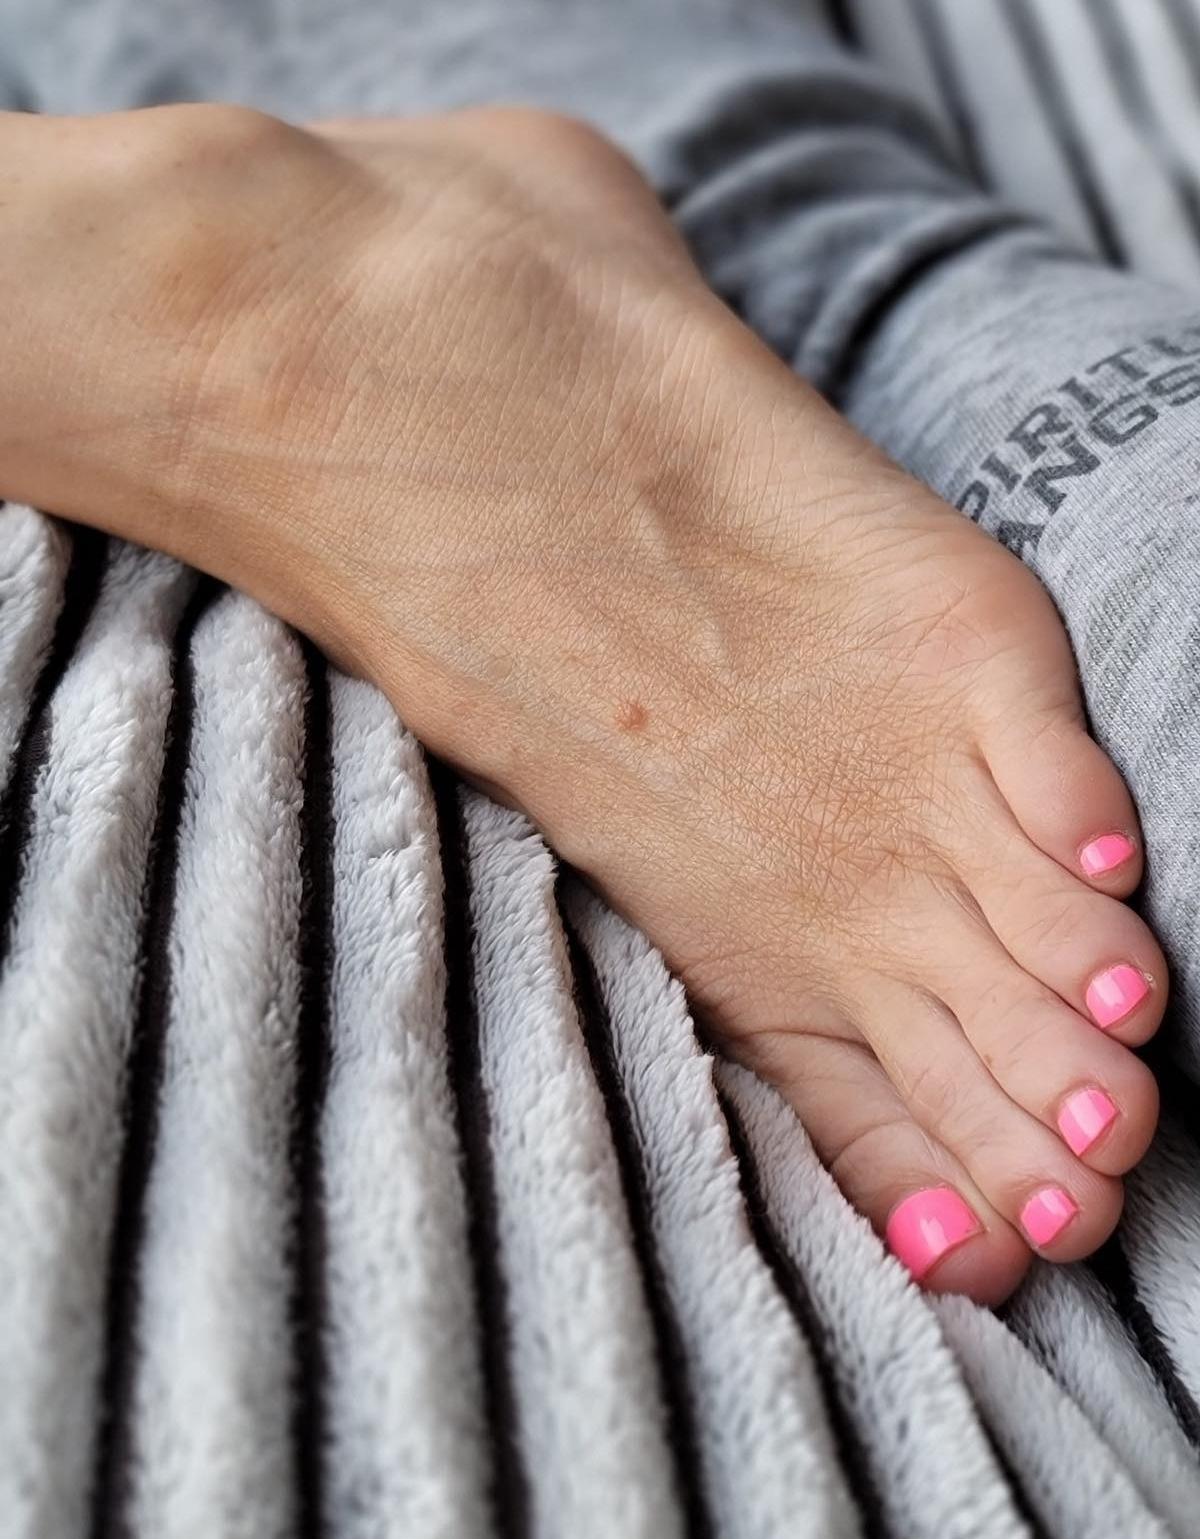 Kyle Unfug's foot